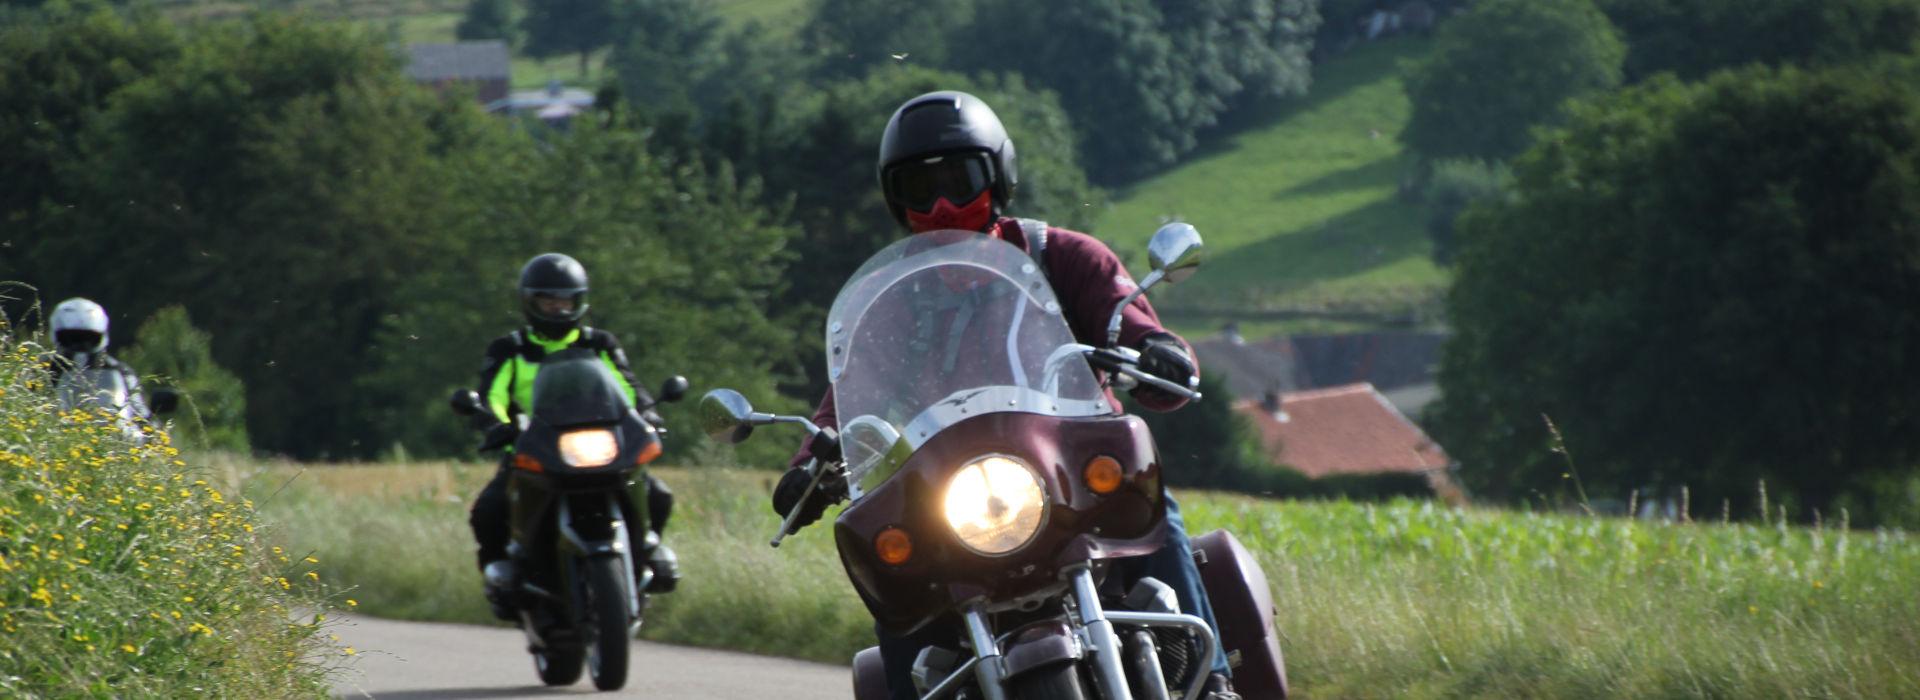 Motorrijbewijspoint Scherpenisse snel motorrijbewijs halen